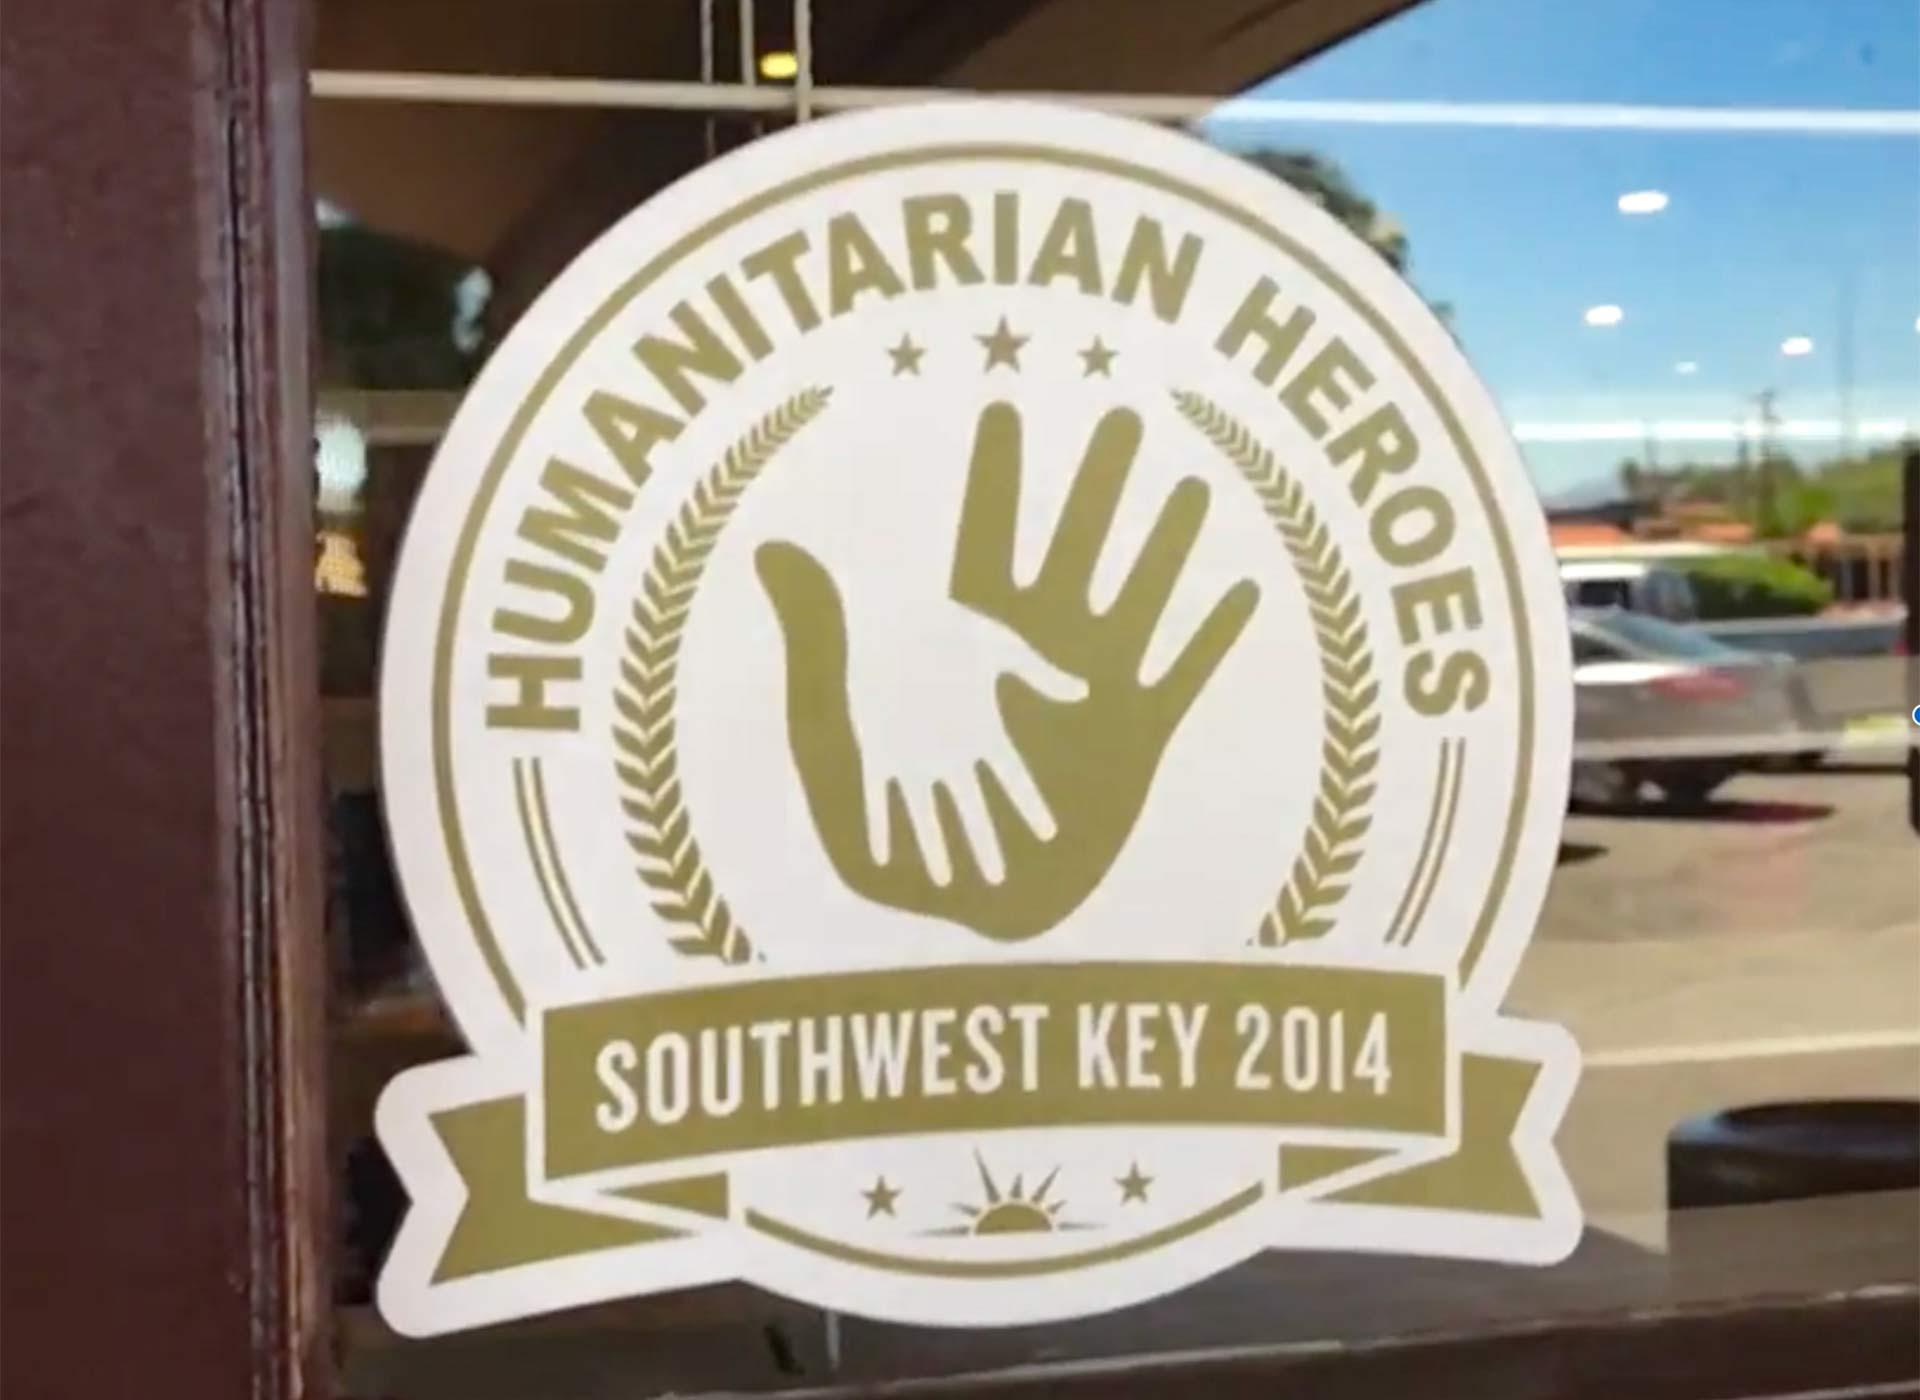 Southwest Key sticker